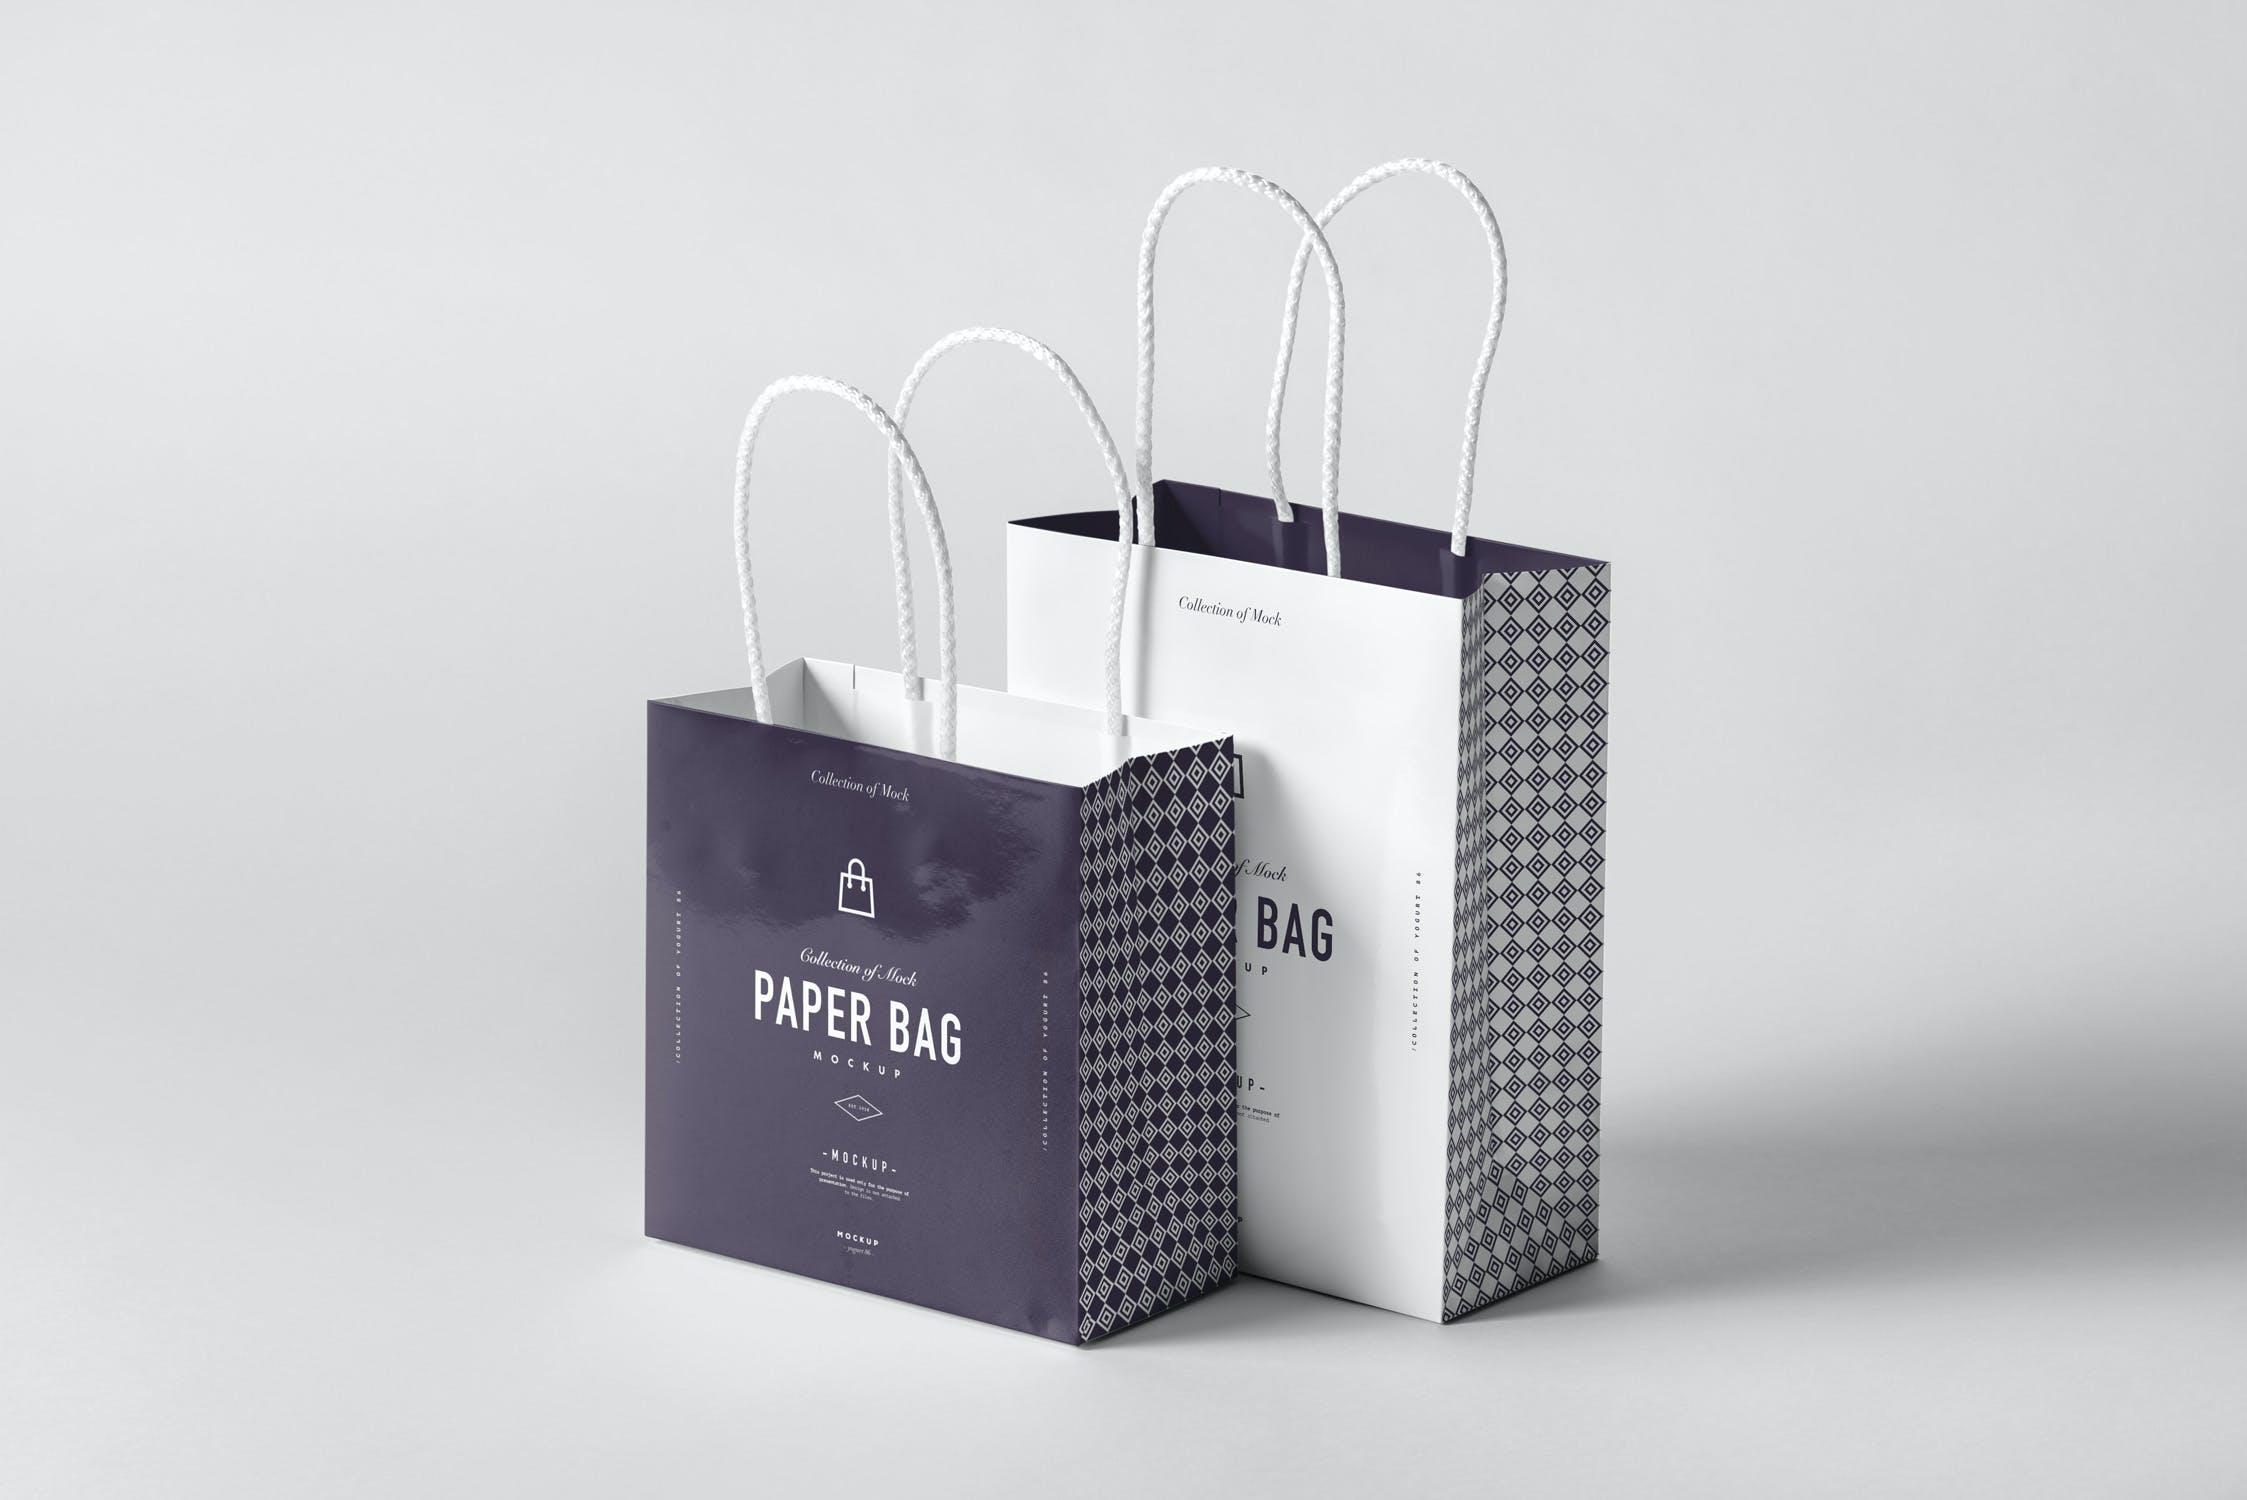 11款购物手提纸袋设计展示样机模板 Paper Bag Mockup 2插图(6)